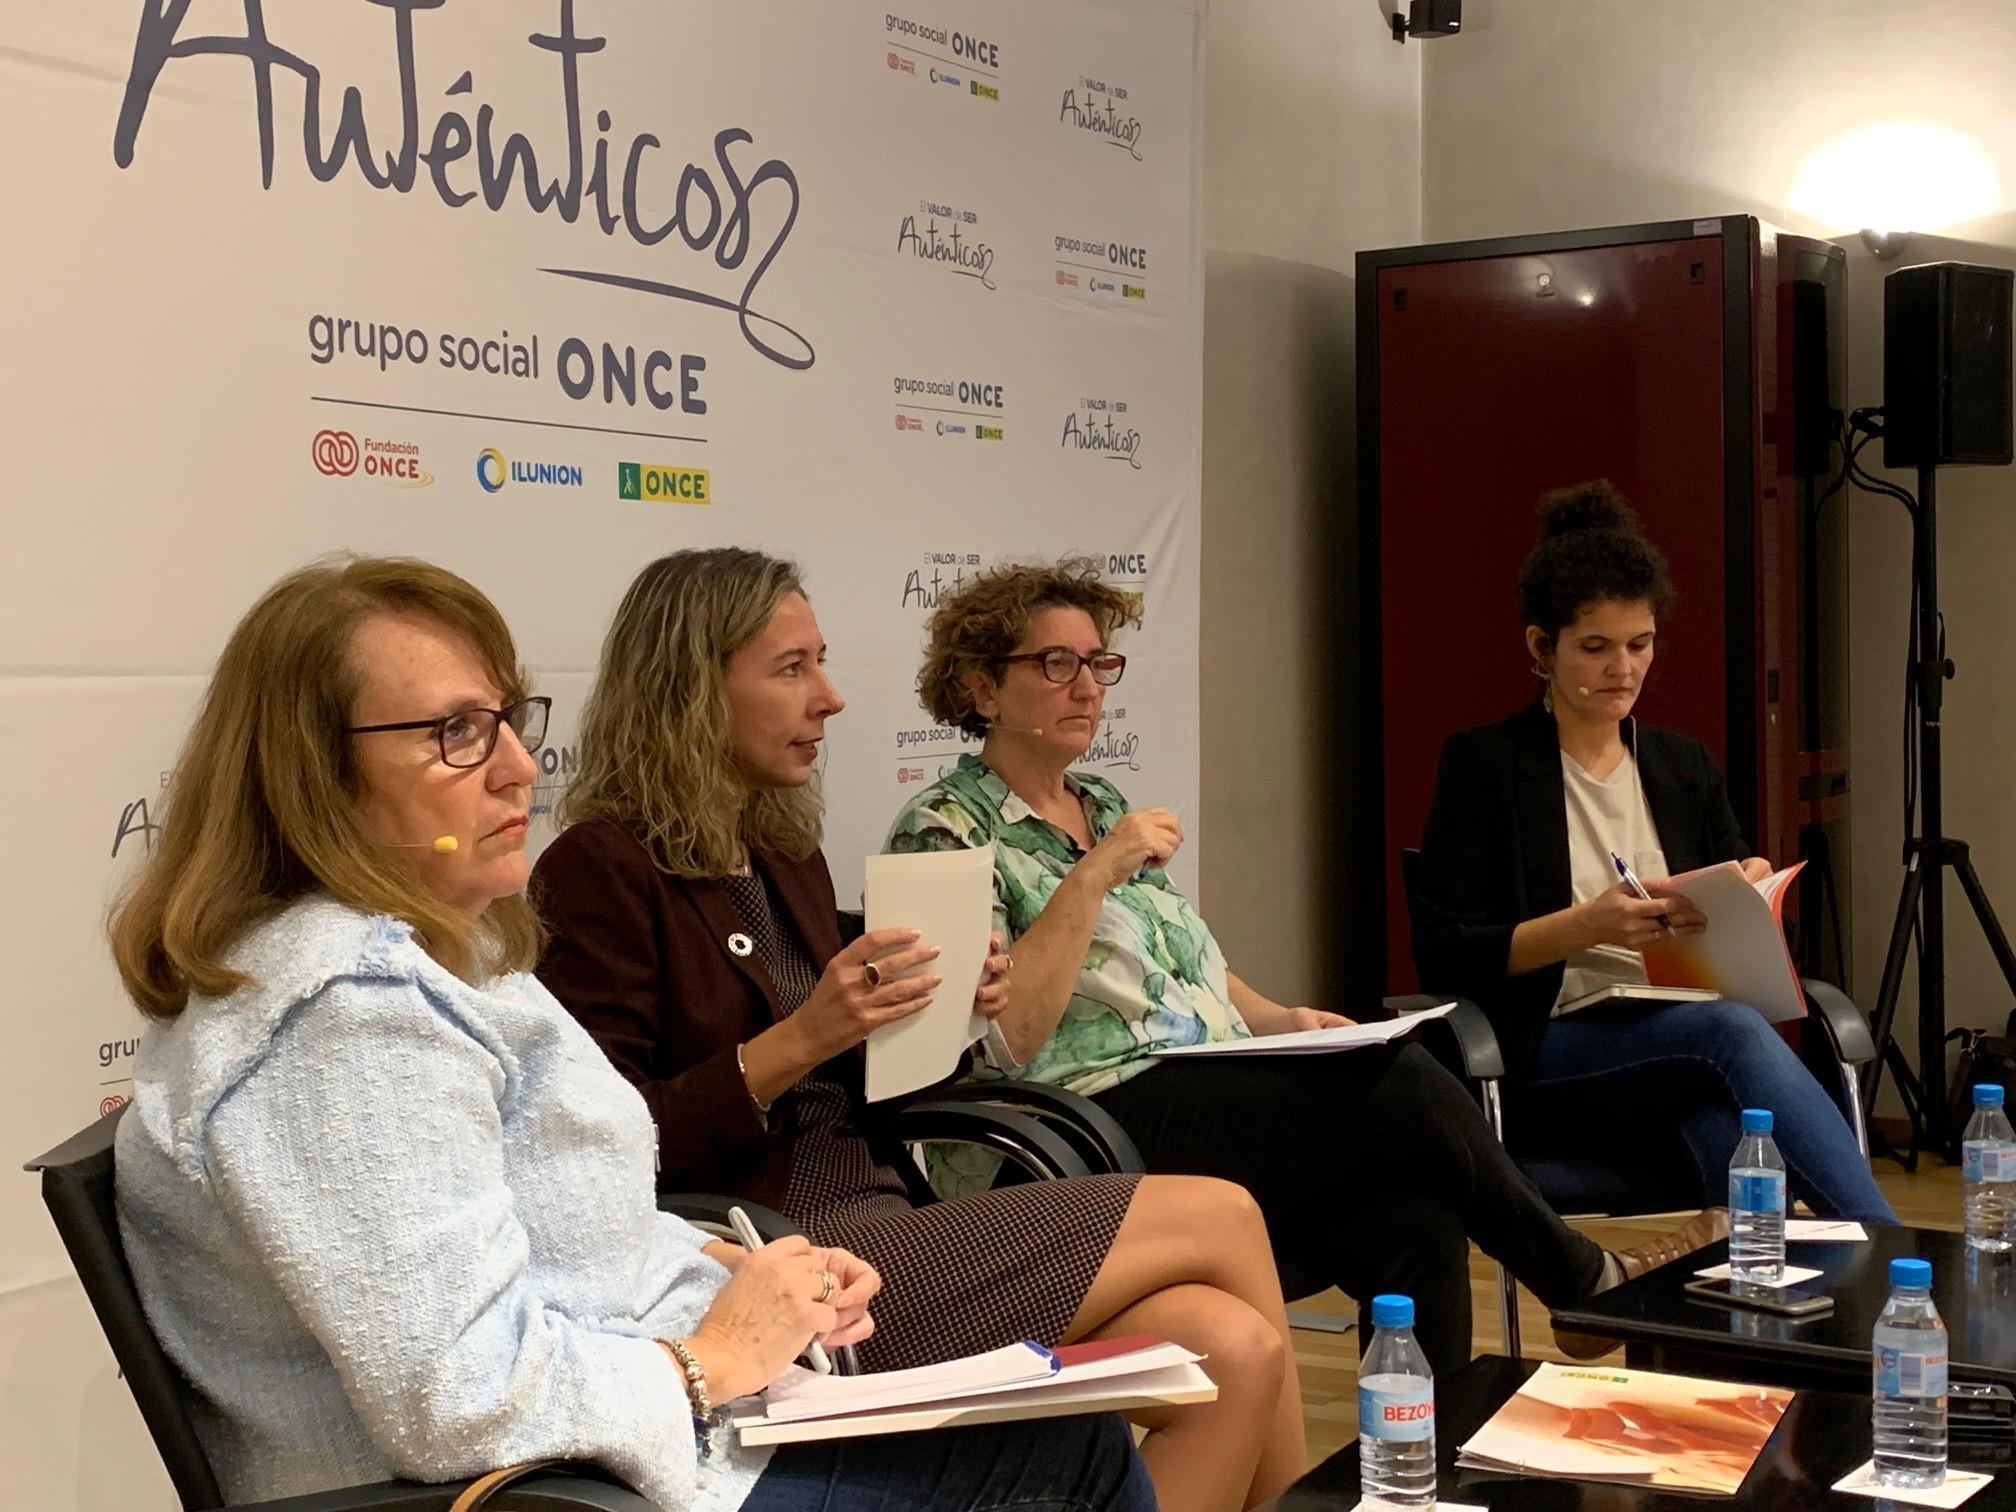 De izd. a dcha: Mayte Antona, Patricia Sanz, Marisa Kohan y Patricia Costa